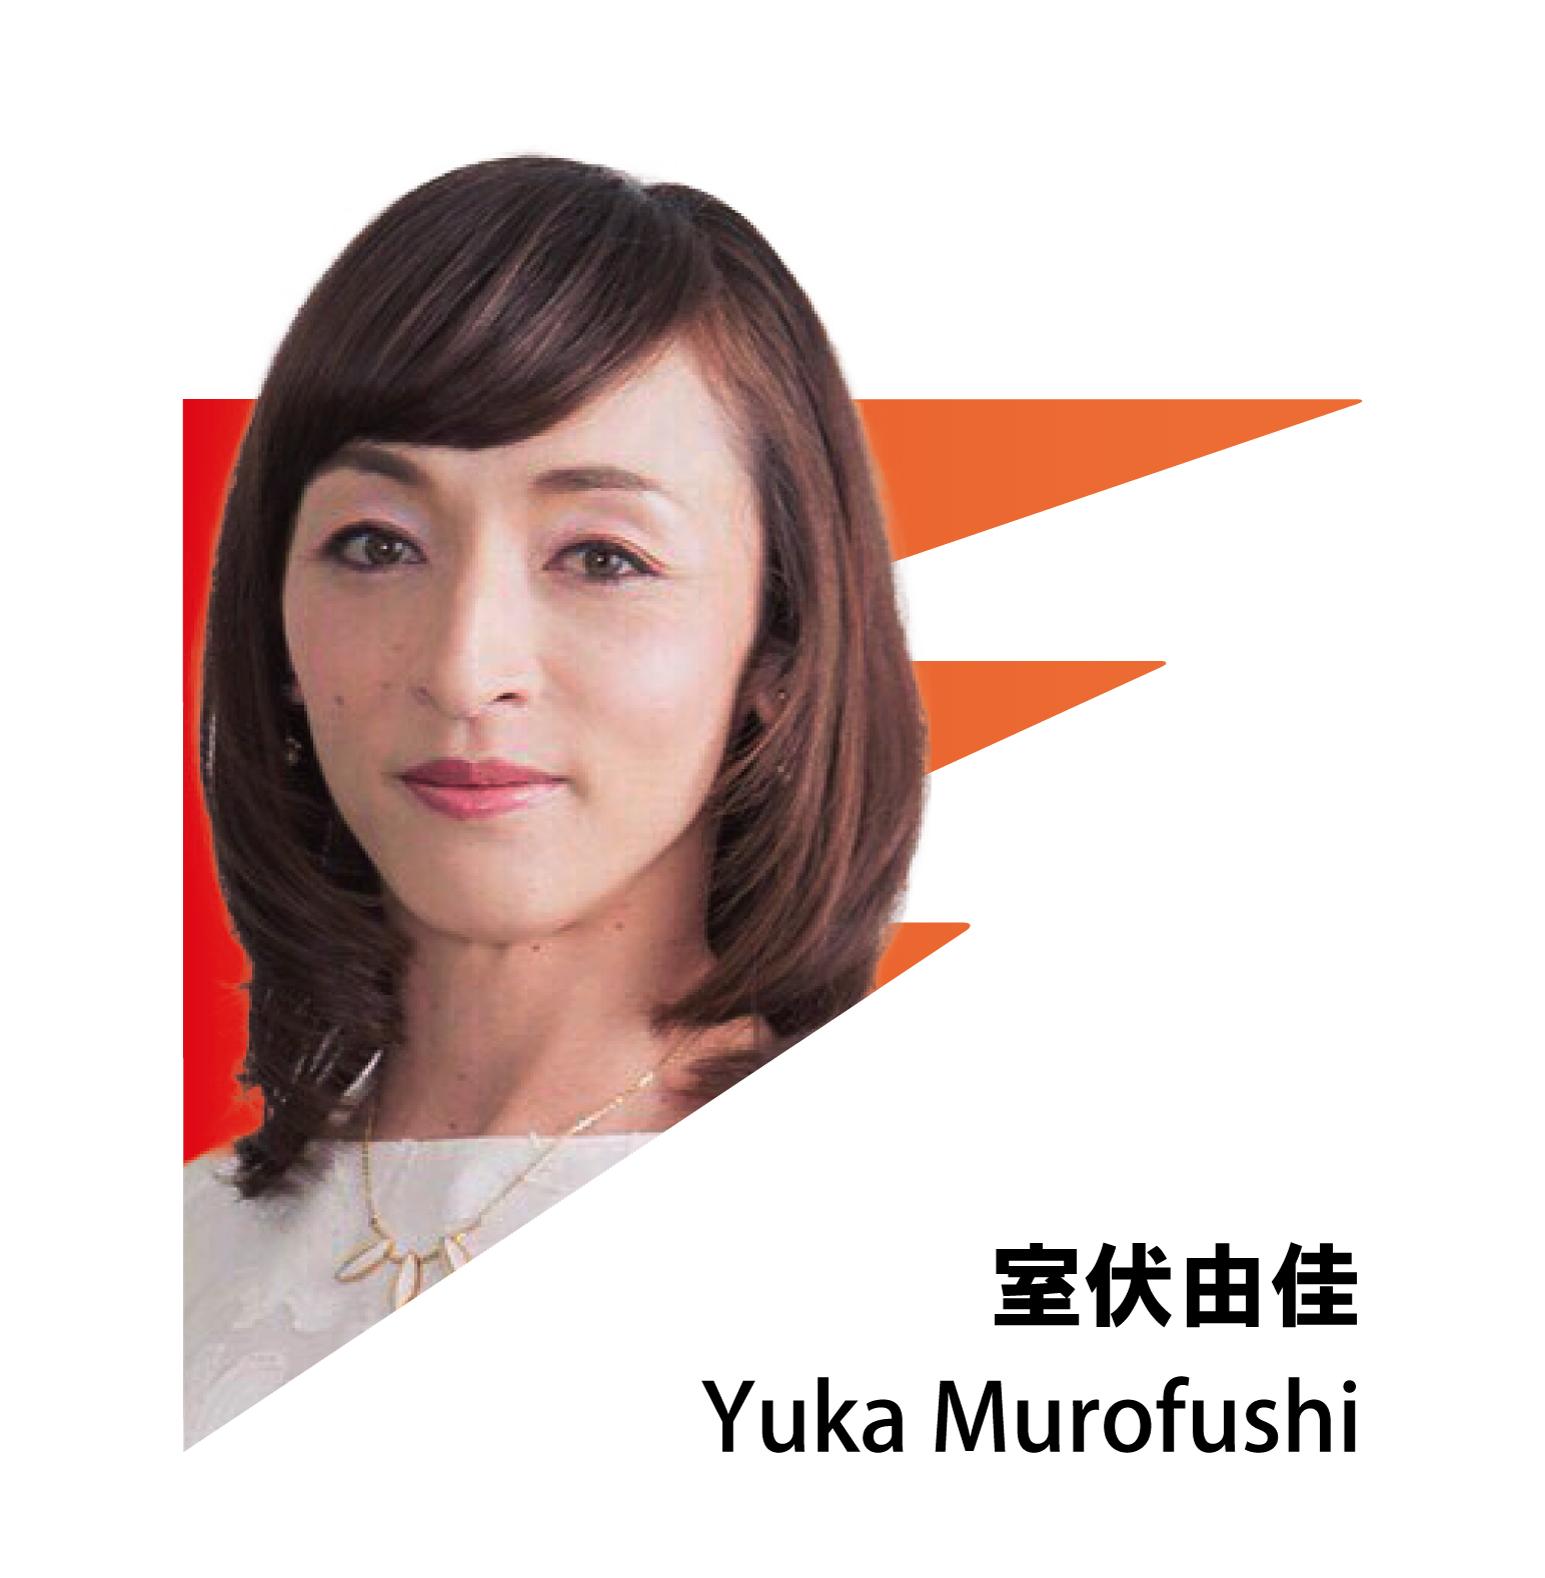 YUKA MUROFUSHI